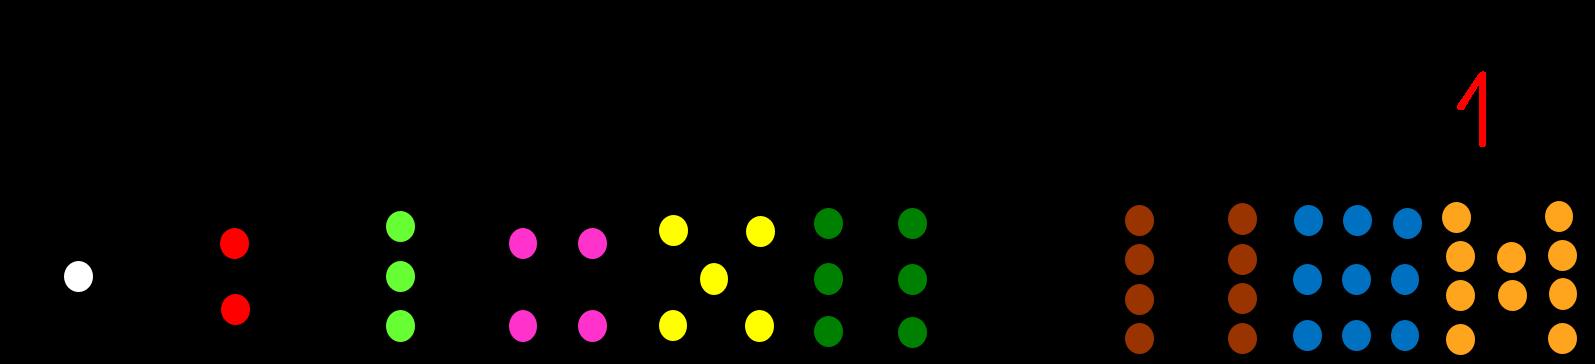 COLE DE FANTASIA: Línea numérica 1-10